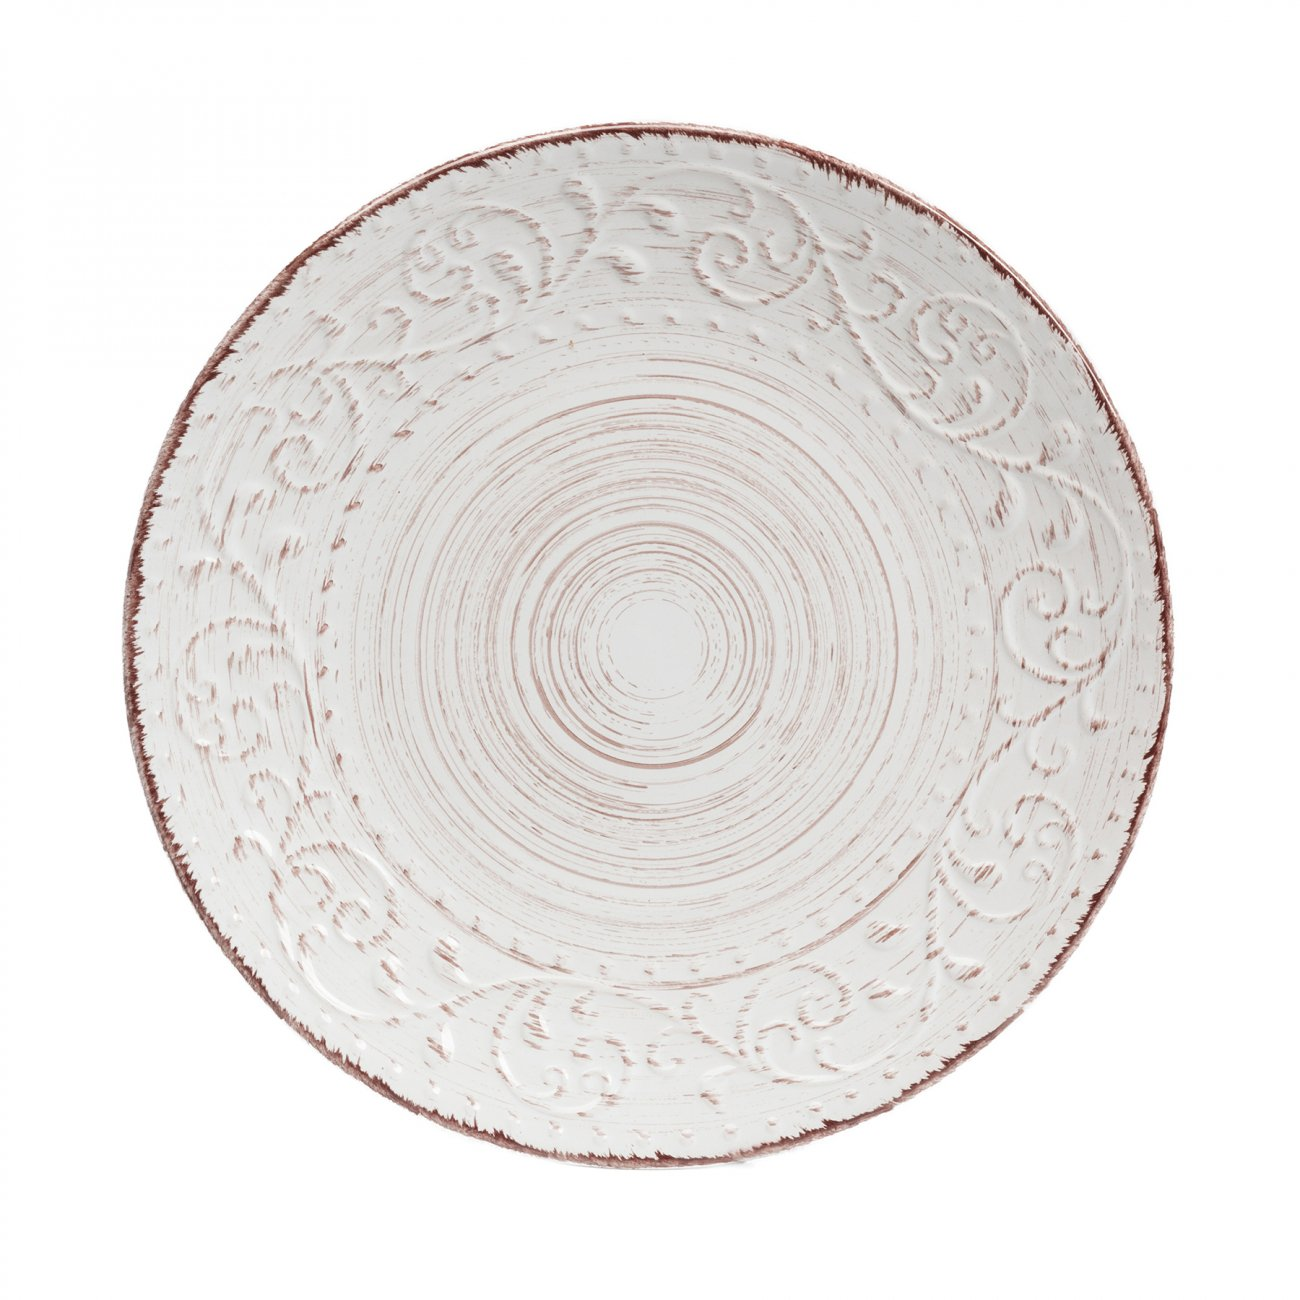 Купить Тарелка La Cebra Большая Кремовая в интернет магазине дизайнерской мебели и аксессуаров для дома и дачи